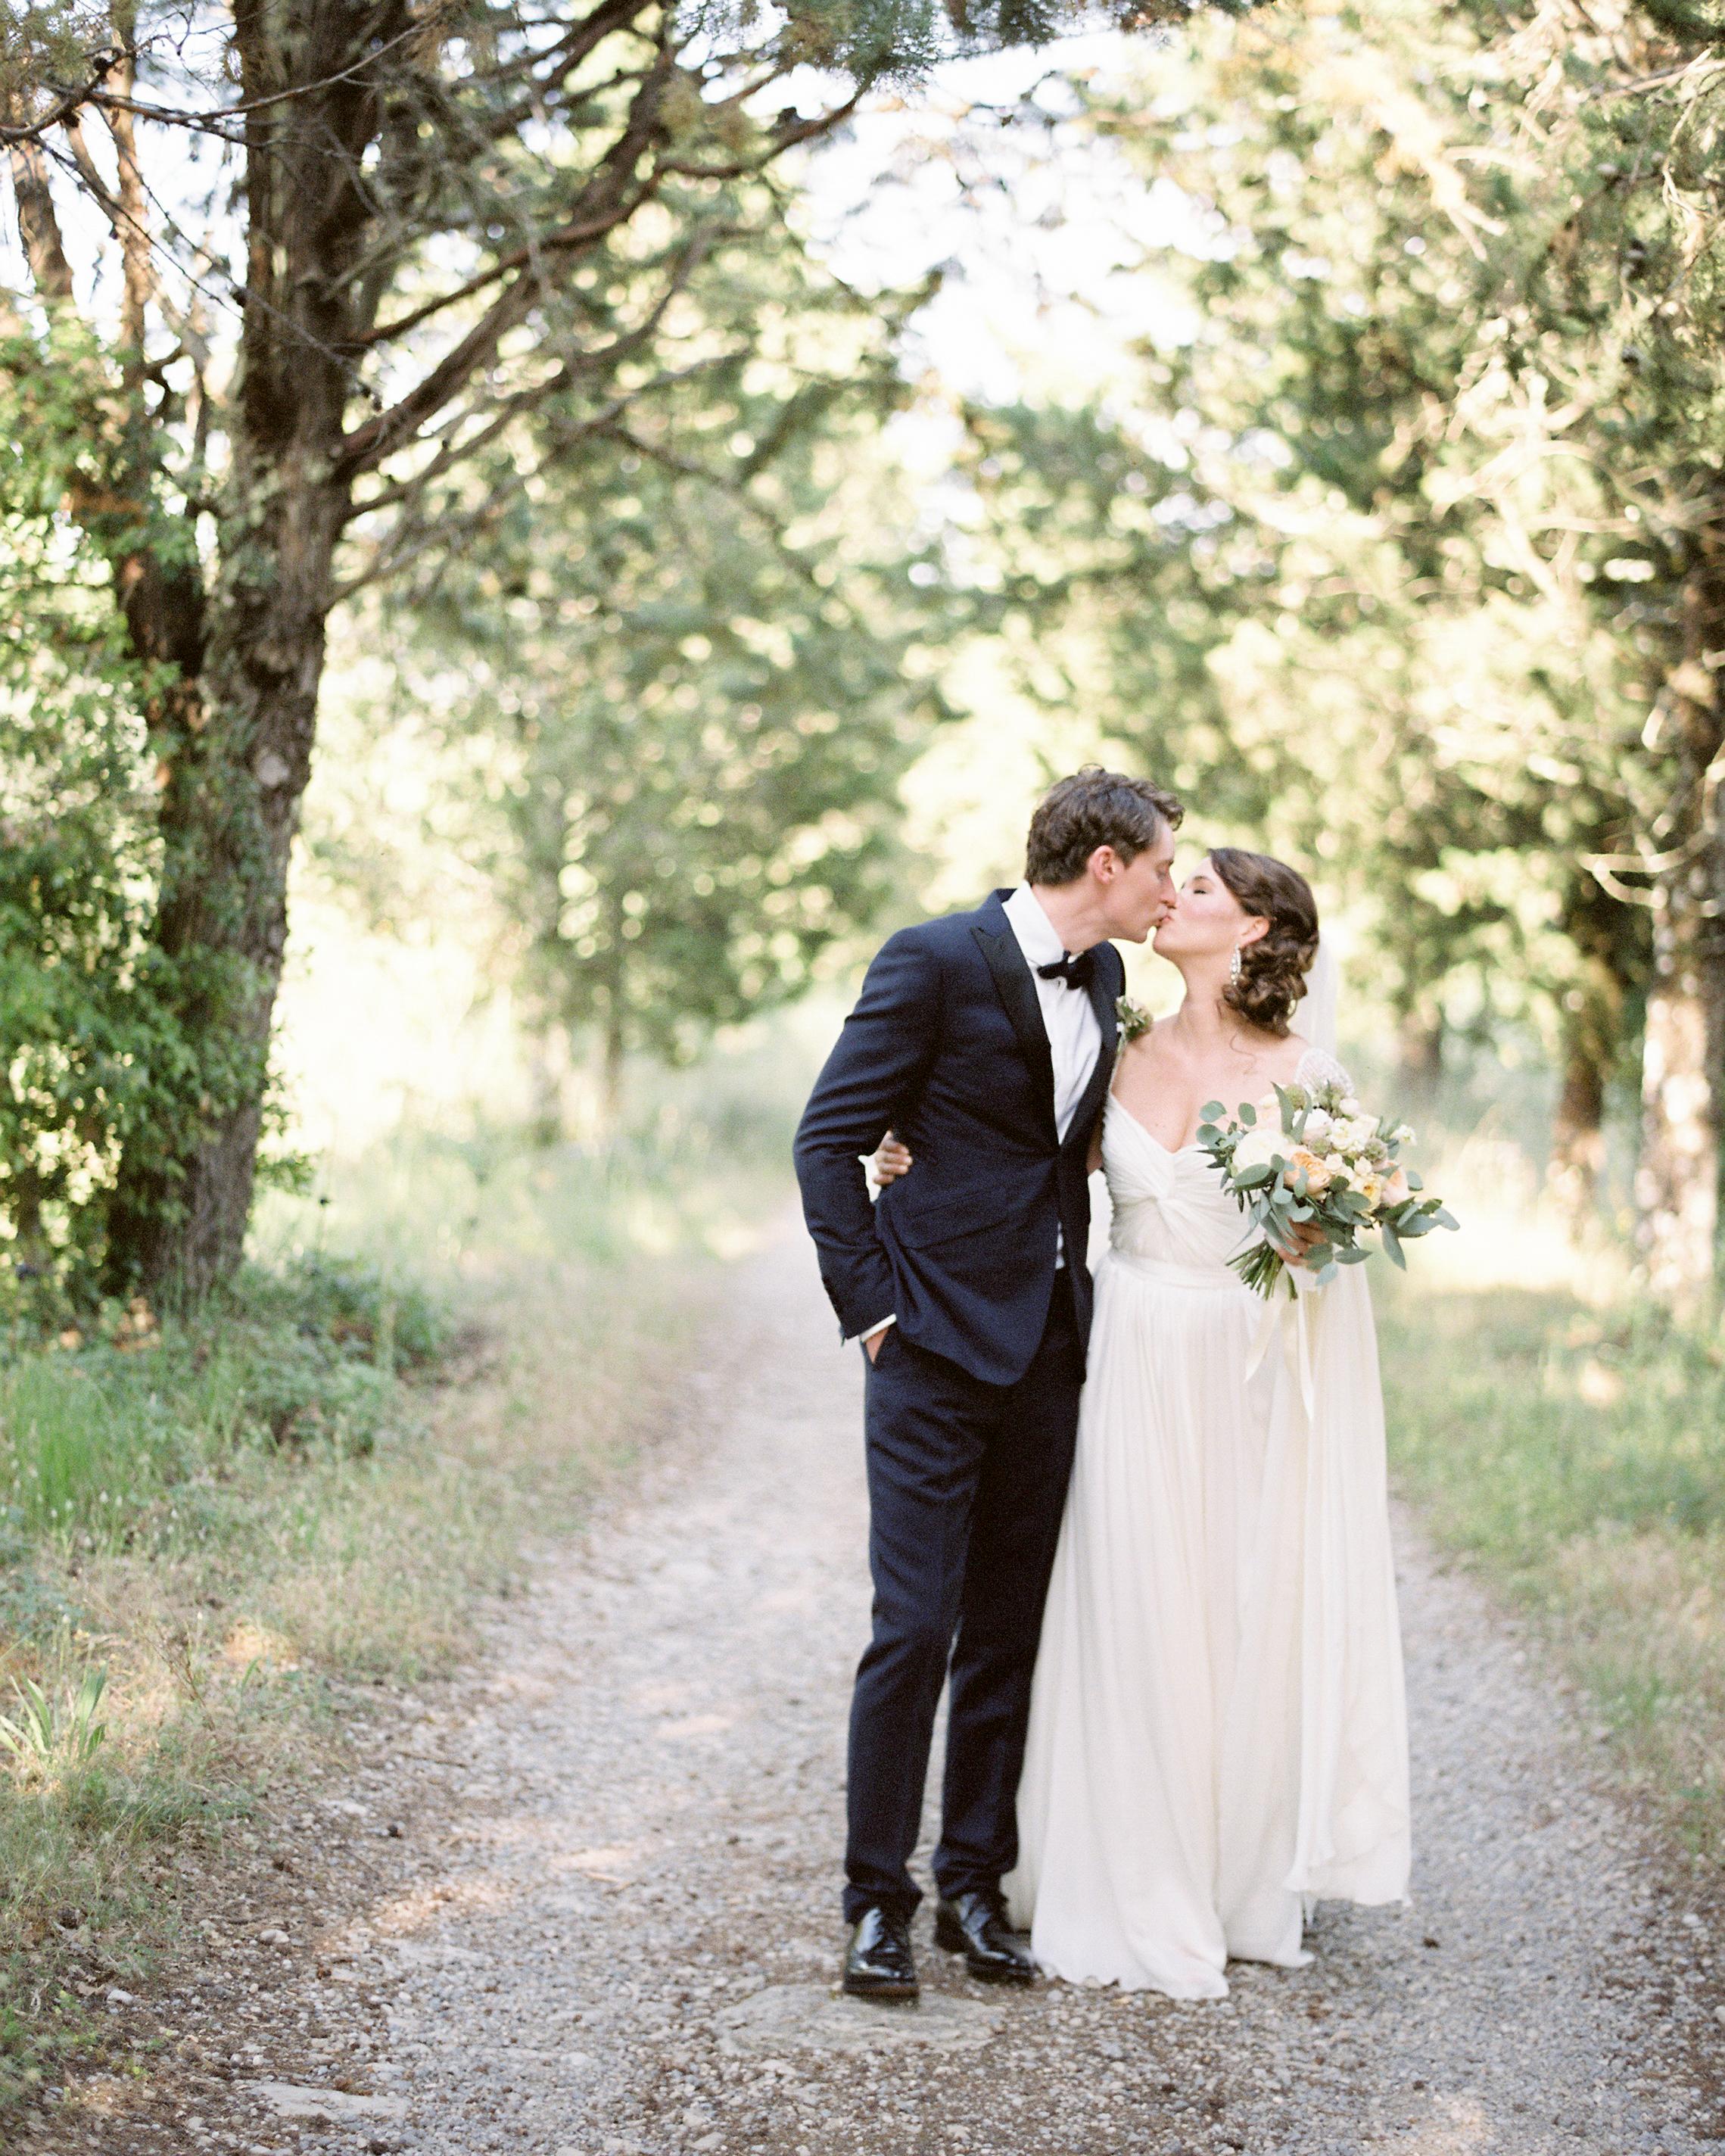 lauren-ollie-wedding-couple-357-s111895-0515.jpg